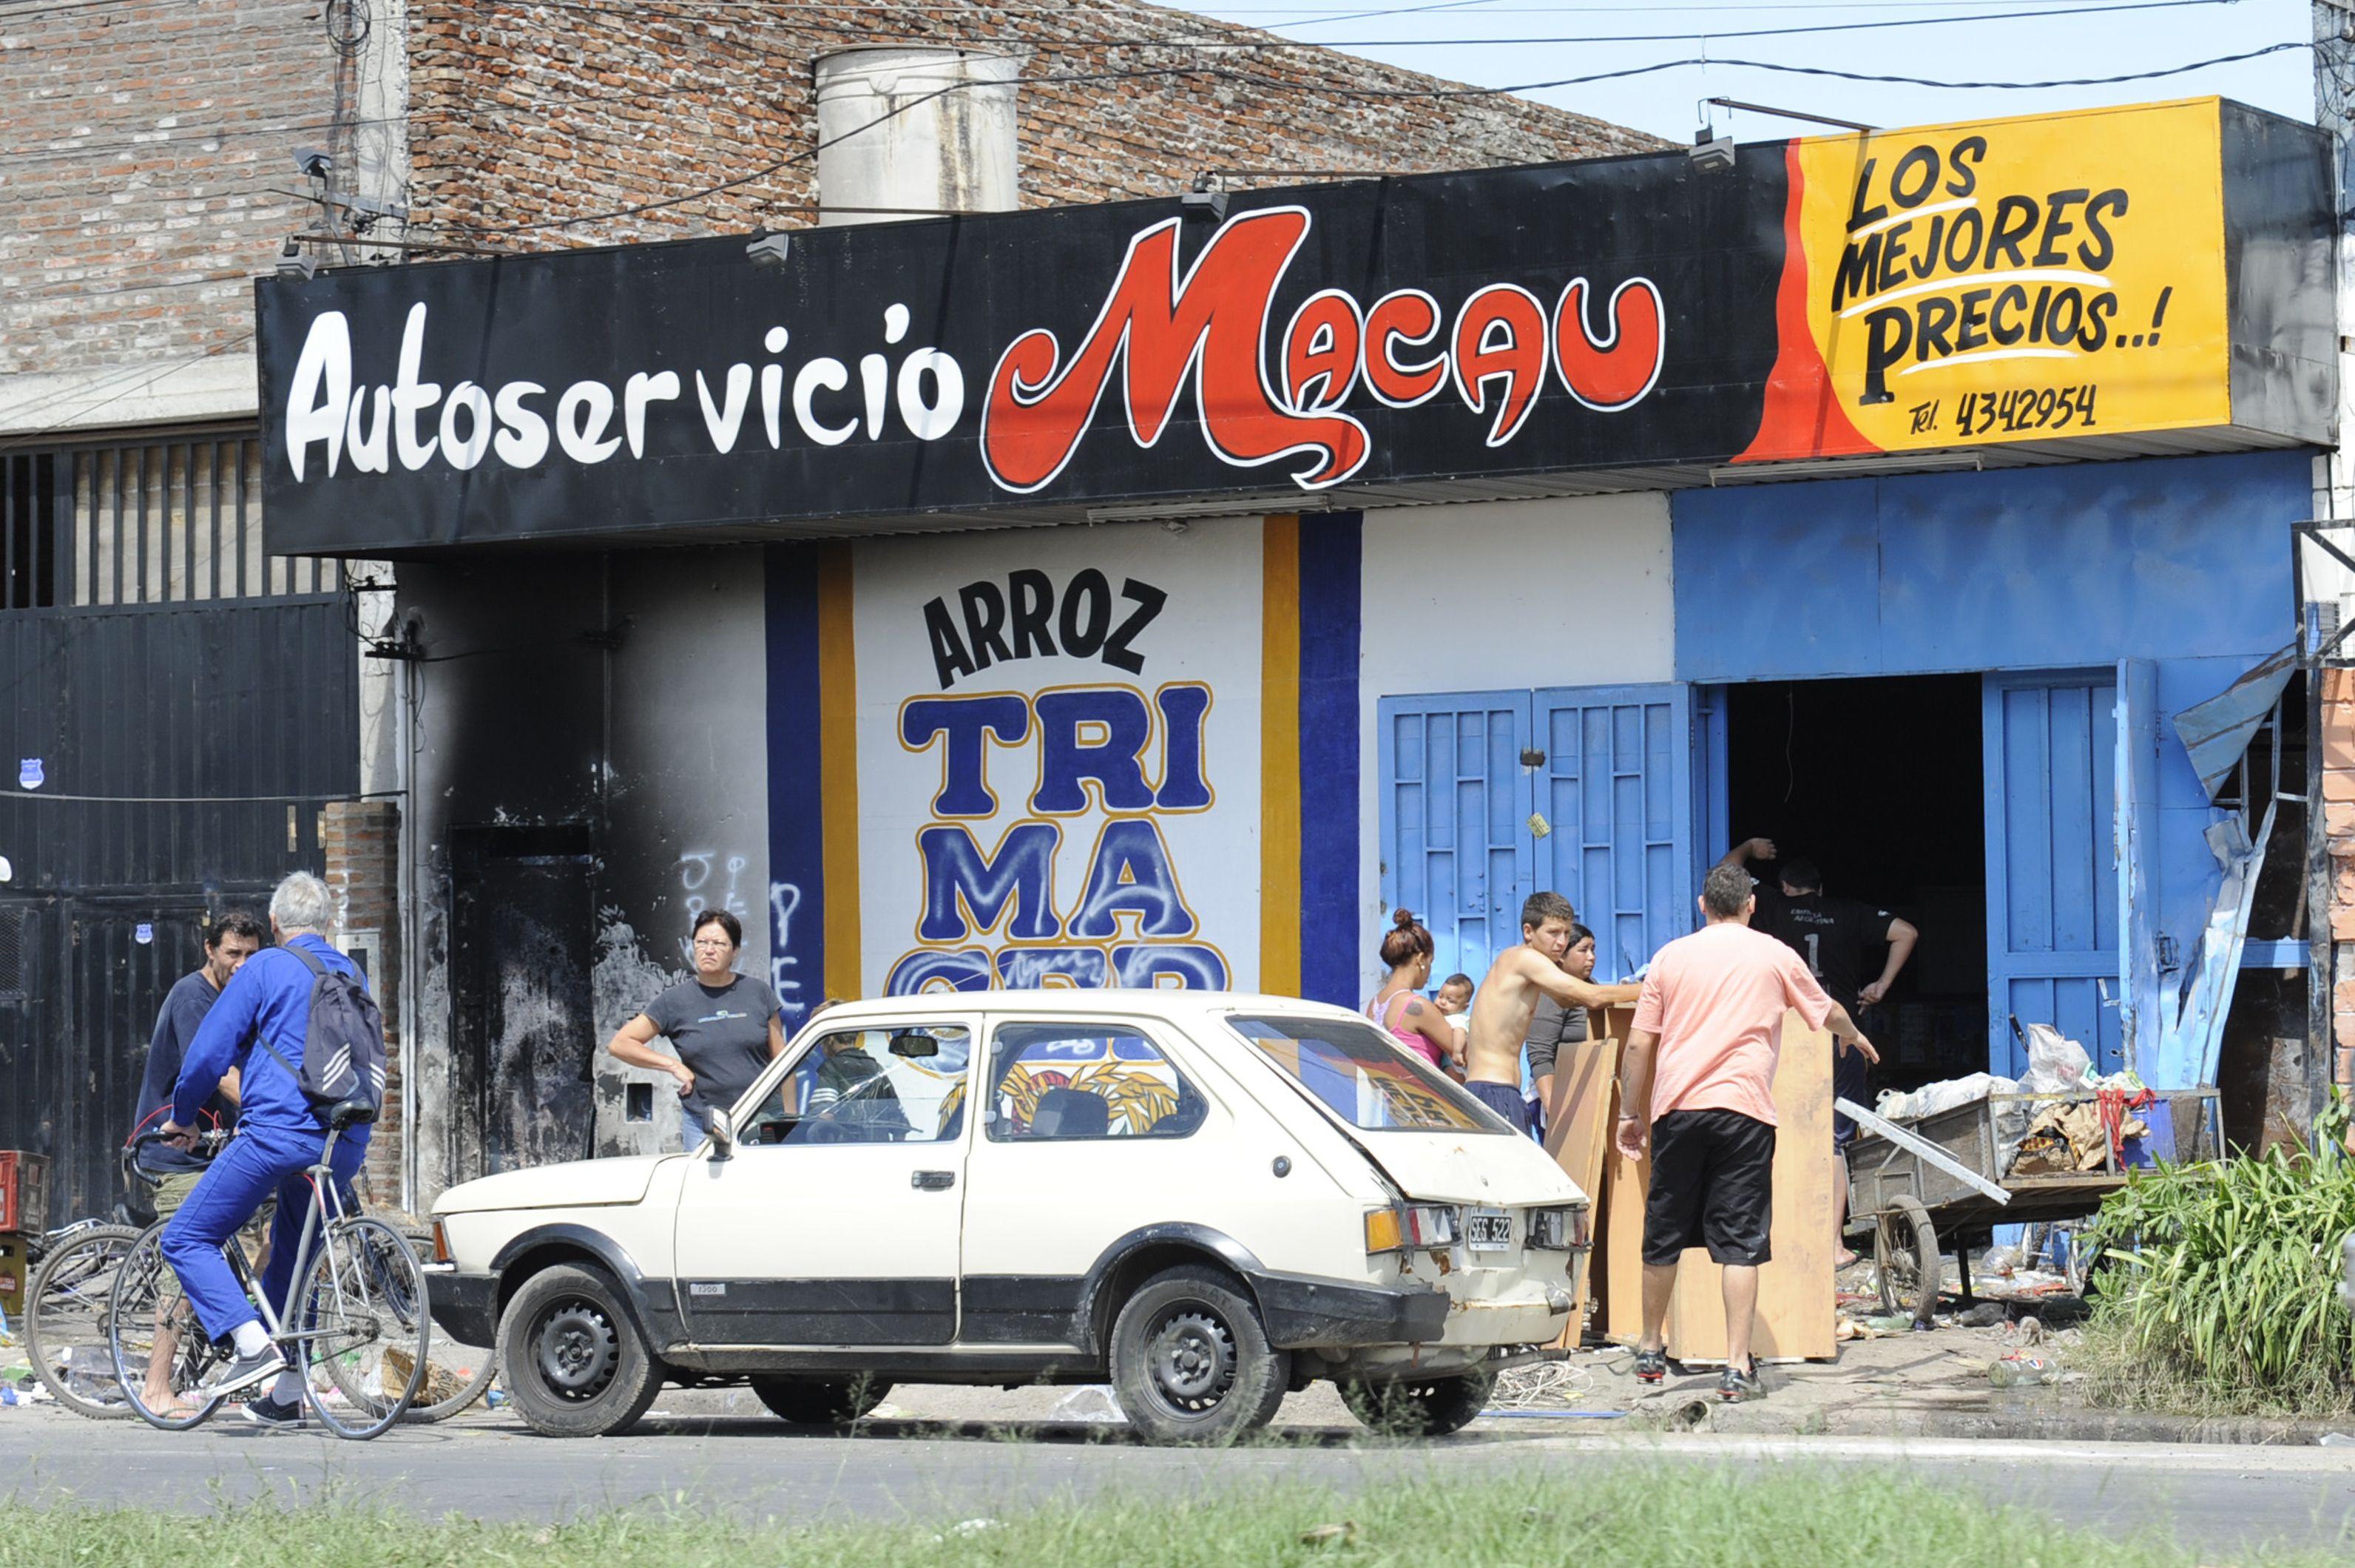 Un pequeño autoservicio ubicado en Avellaneda al 200 fue víctima de actos de pillaje hoy por la mañana de parte de un grupo de jóvenes. (Foto: S. Suárez Meccia)